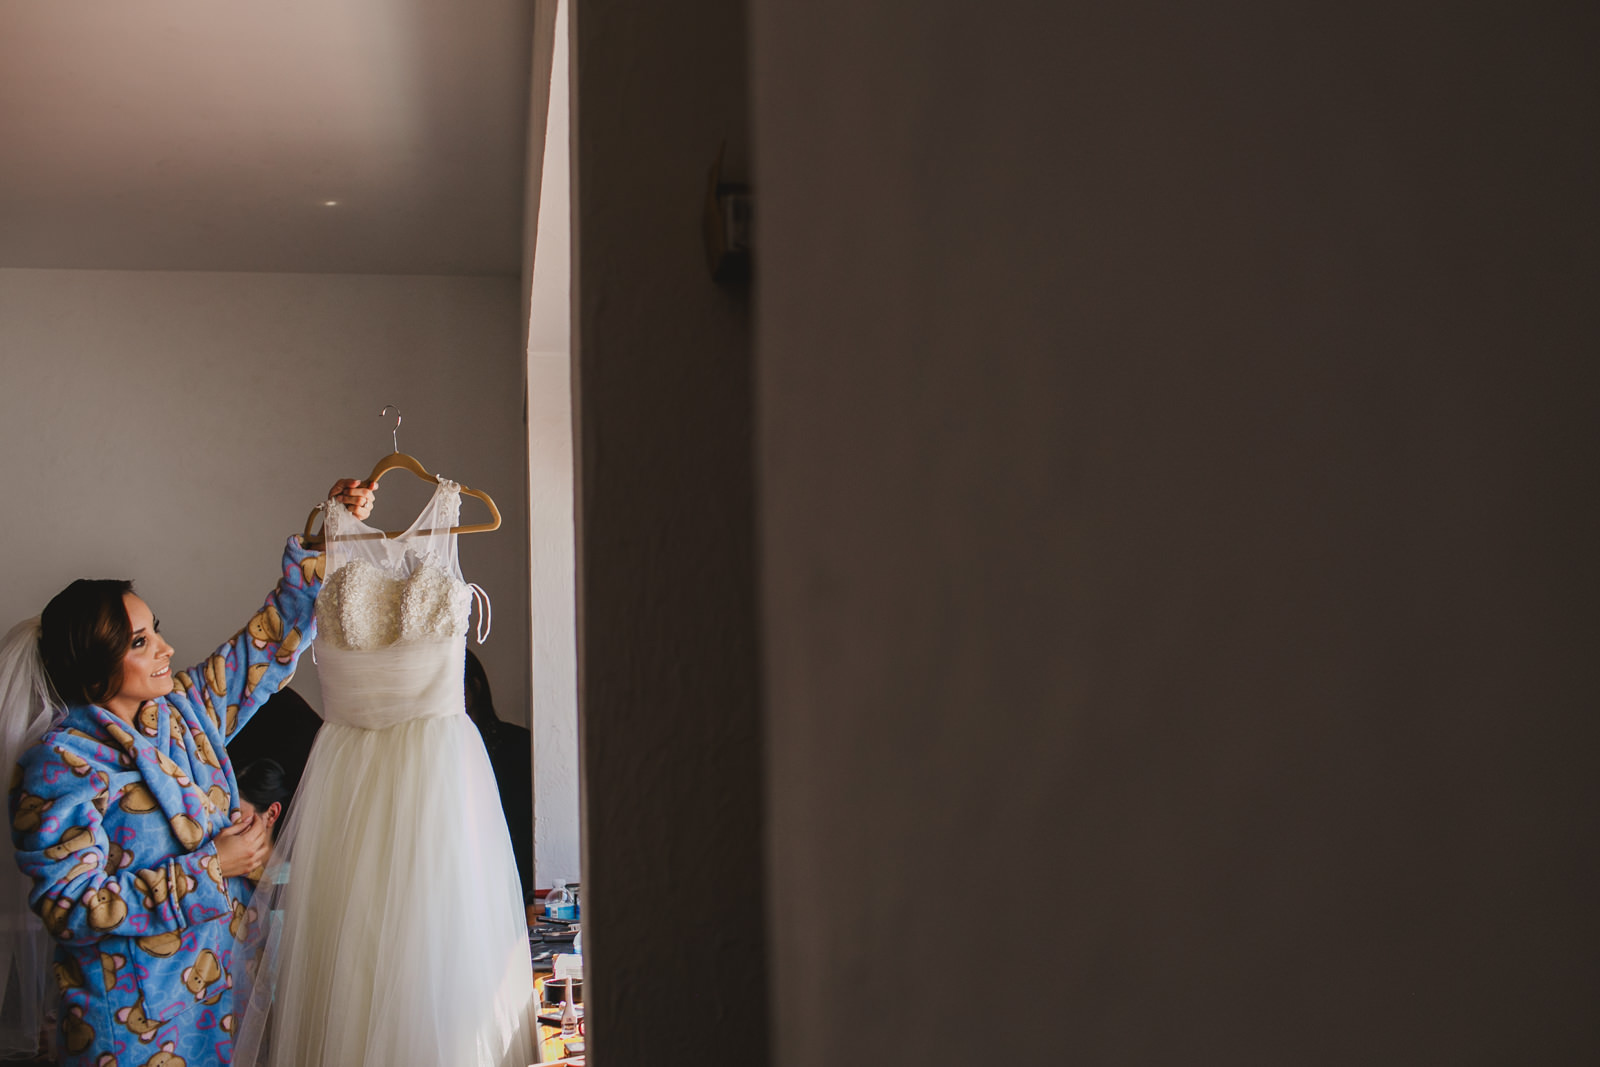 armando-aragon-fotografo-de-bodas-011